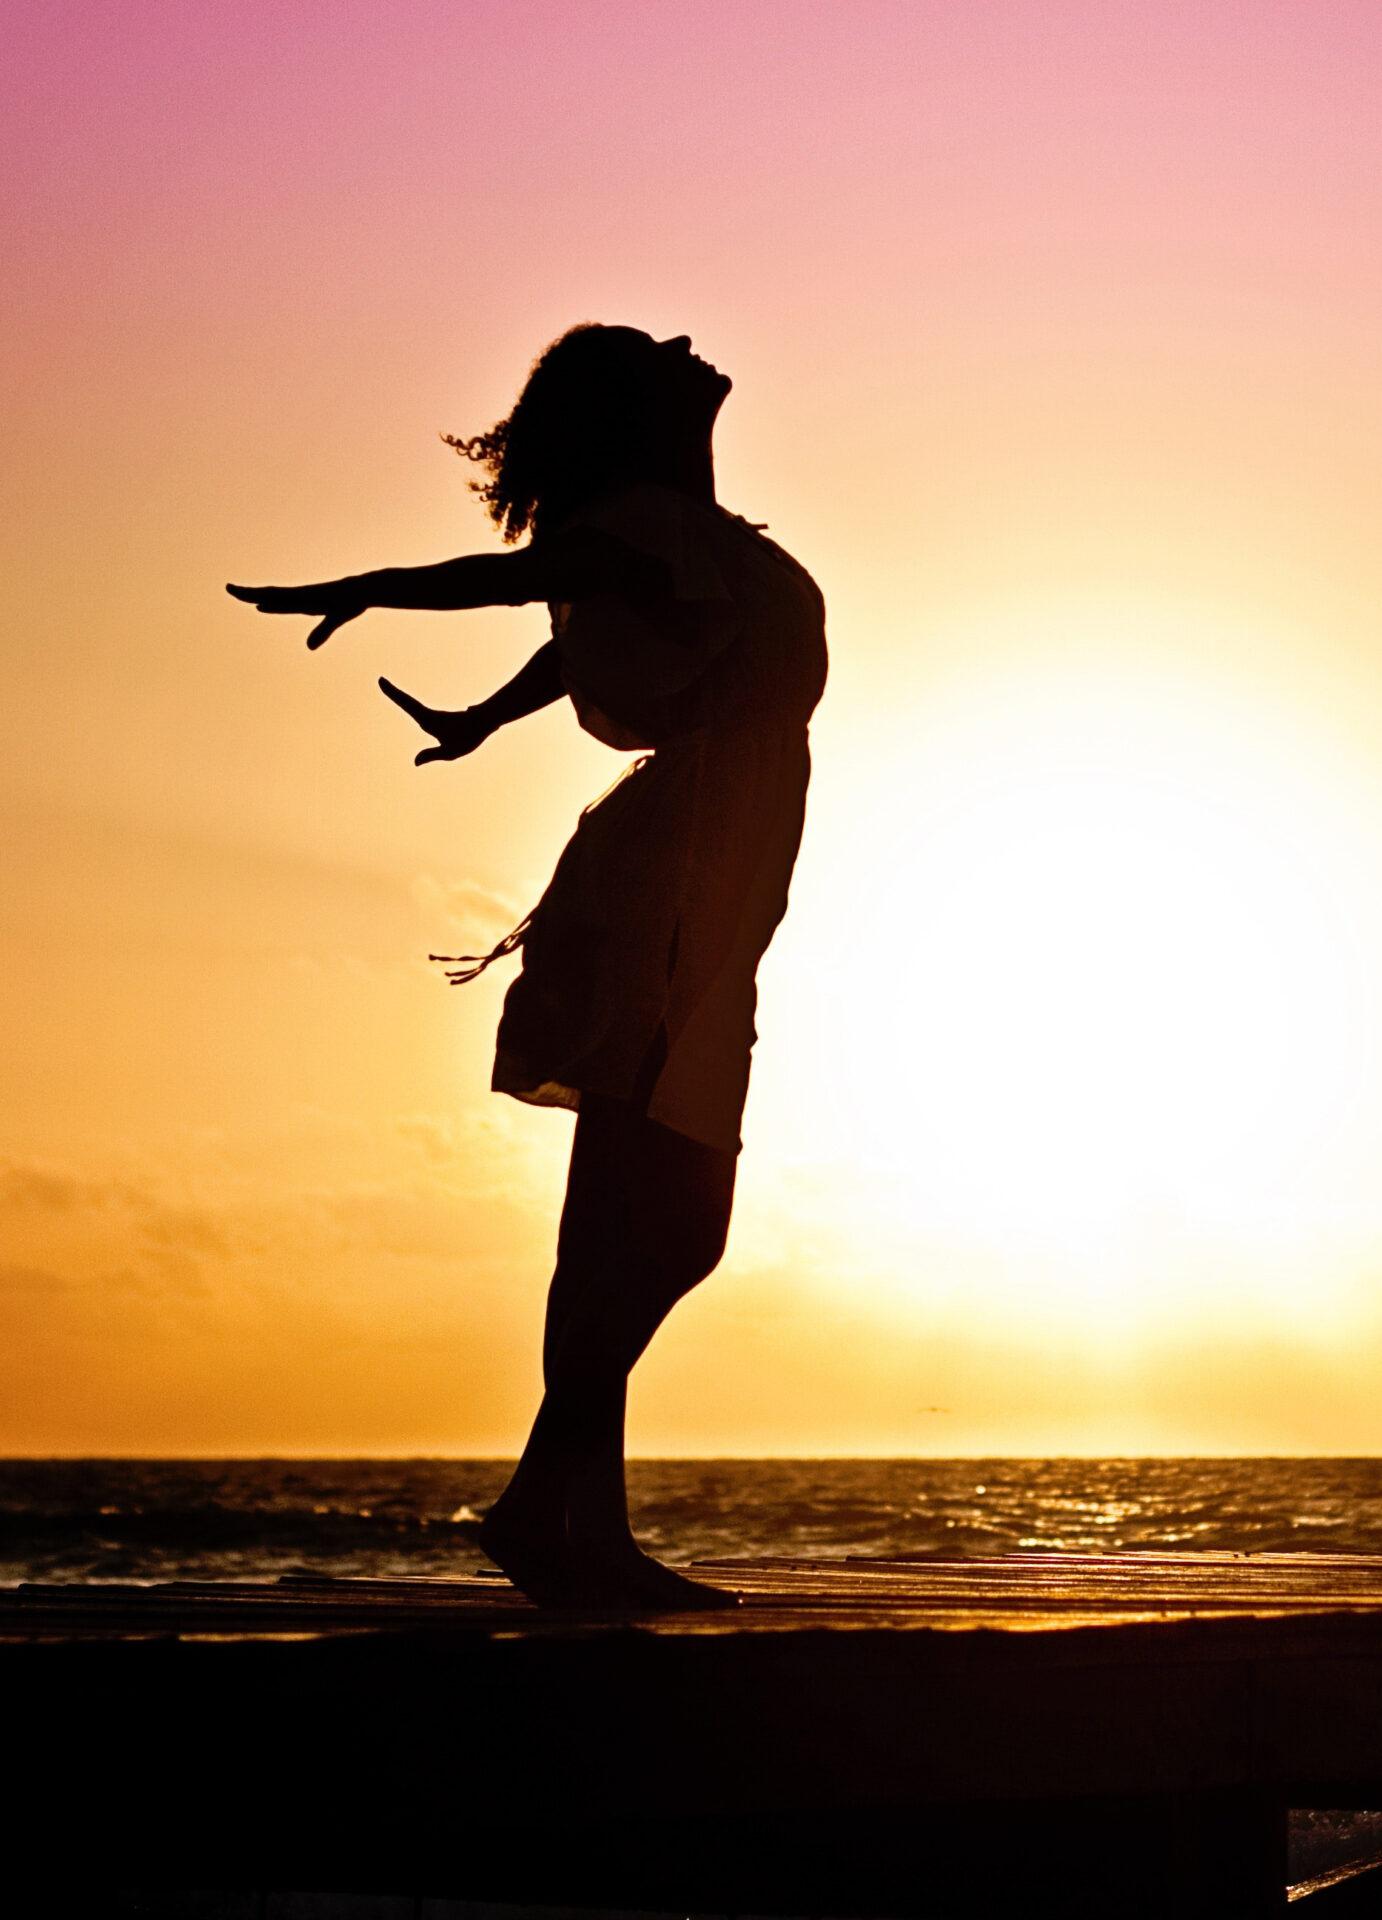 beach-woman-sunrise-silhouette-40192g